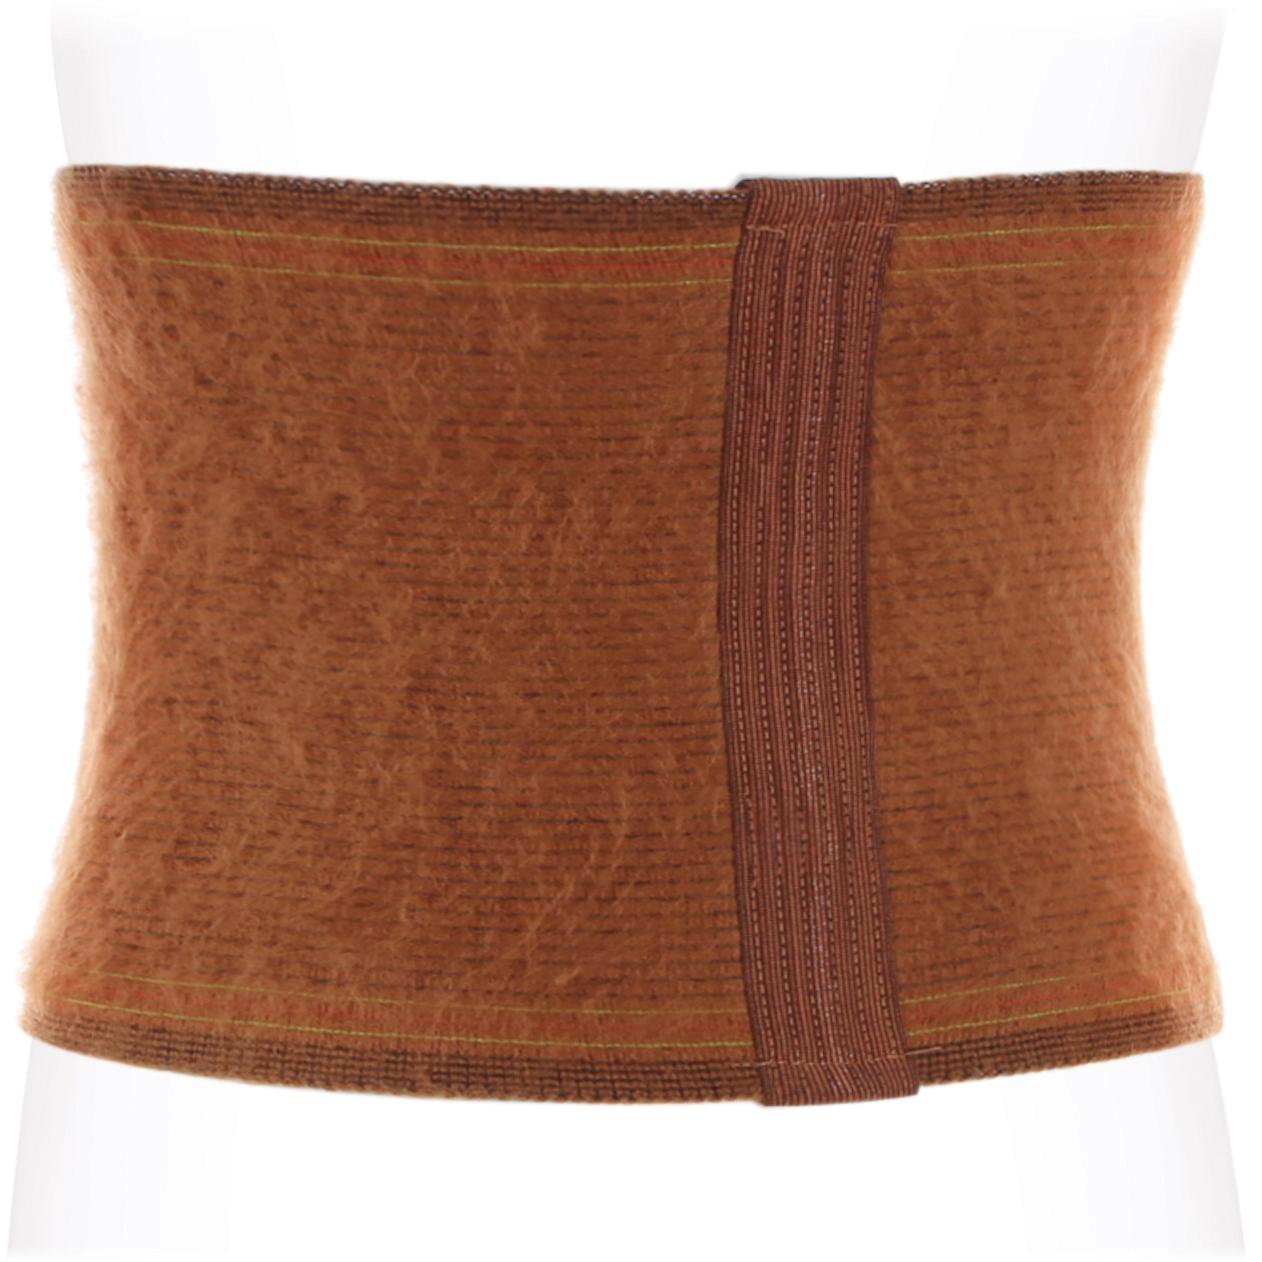 Ecoten Бандаж противорадикулитный согревающий. Верблюжья шерсть ПРР-03. Размер 2/LПРР-03 LОсобенности: активно нейтрализует токсины, вырабатываемые организмом и оказывает косметологическое воздействие на кожу, омолаживая и делая ее более упругой и эластичной защищает от замерзания в холод и от перегрева в жару в несколько раз прочнее других видов шерсти обладает высокими антистатическими свойствами практична в носке, устойчива к загрязнению и способна самоочищаться цвет: коричневый Показания к применению: радикулит, миозит ревматизм, остеохондроз поясничного отдела позвоночника неврит, невралгия, подагра профилактика заболеваний поясничного отдела позвоночника при физических нагрузках и переохлаждении 42(S)65-85 44(M)83-100 46(L)98-115 48(XL)113-130 состав:верблюжья шерсть